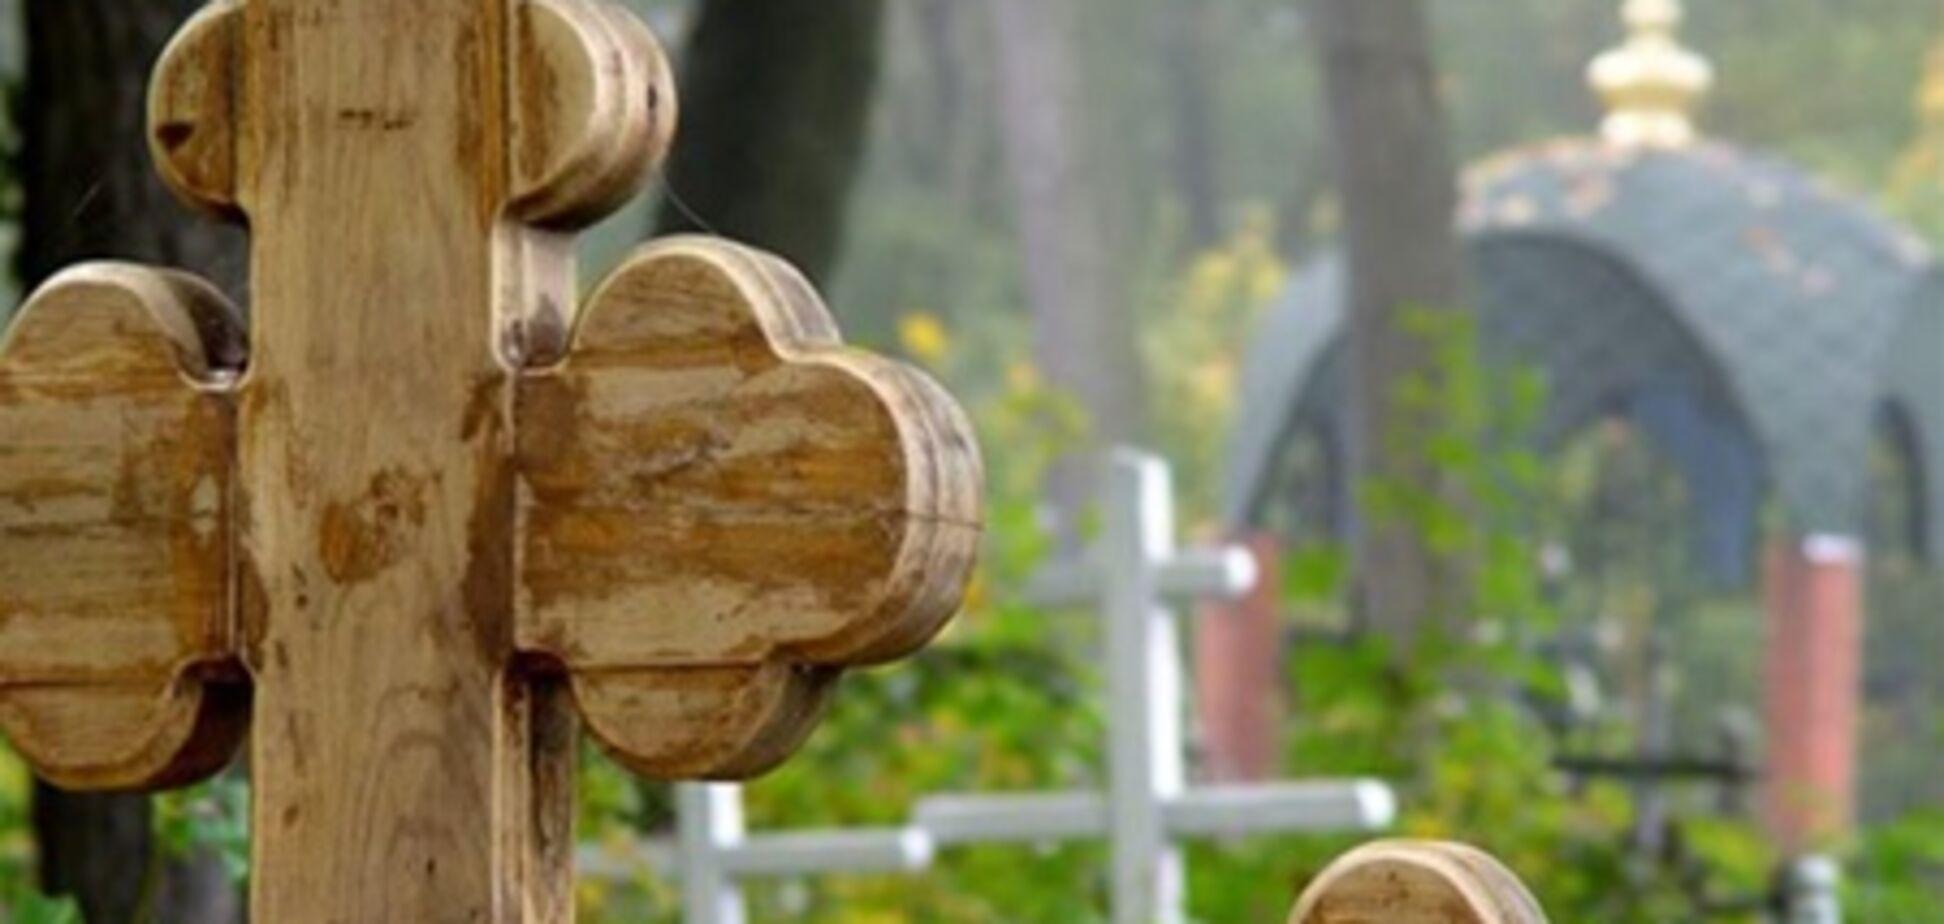 Графік поминальних днів на кладовищах Києва